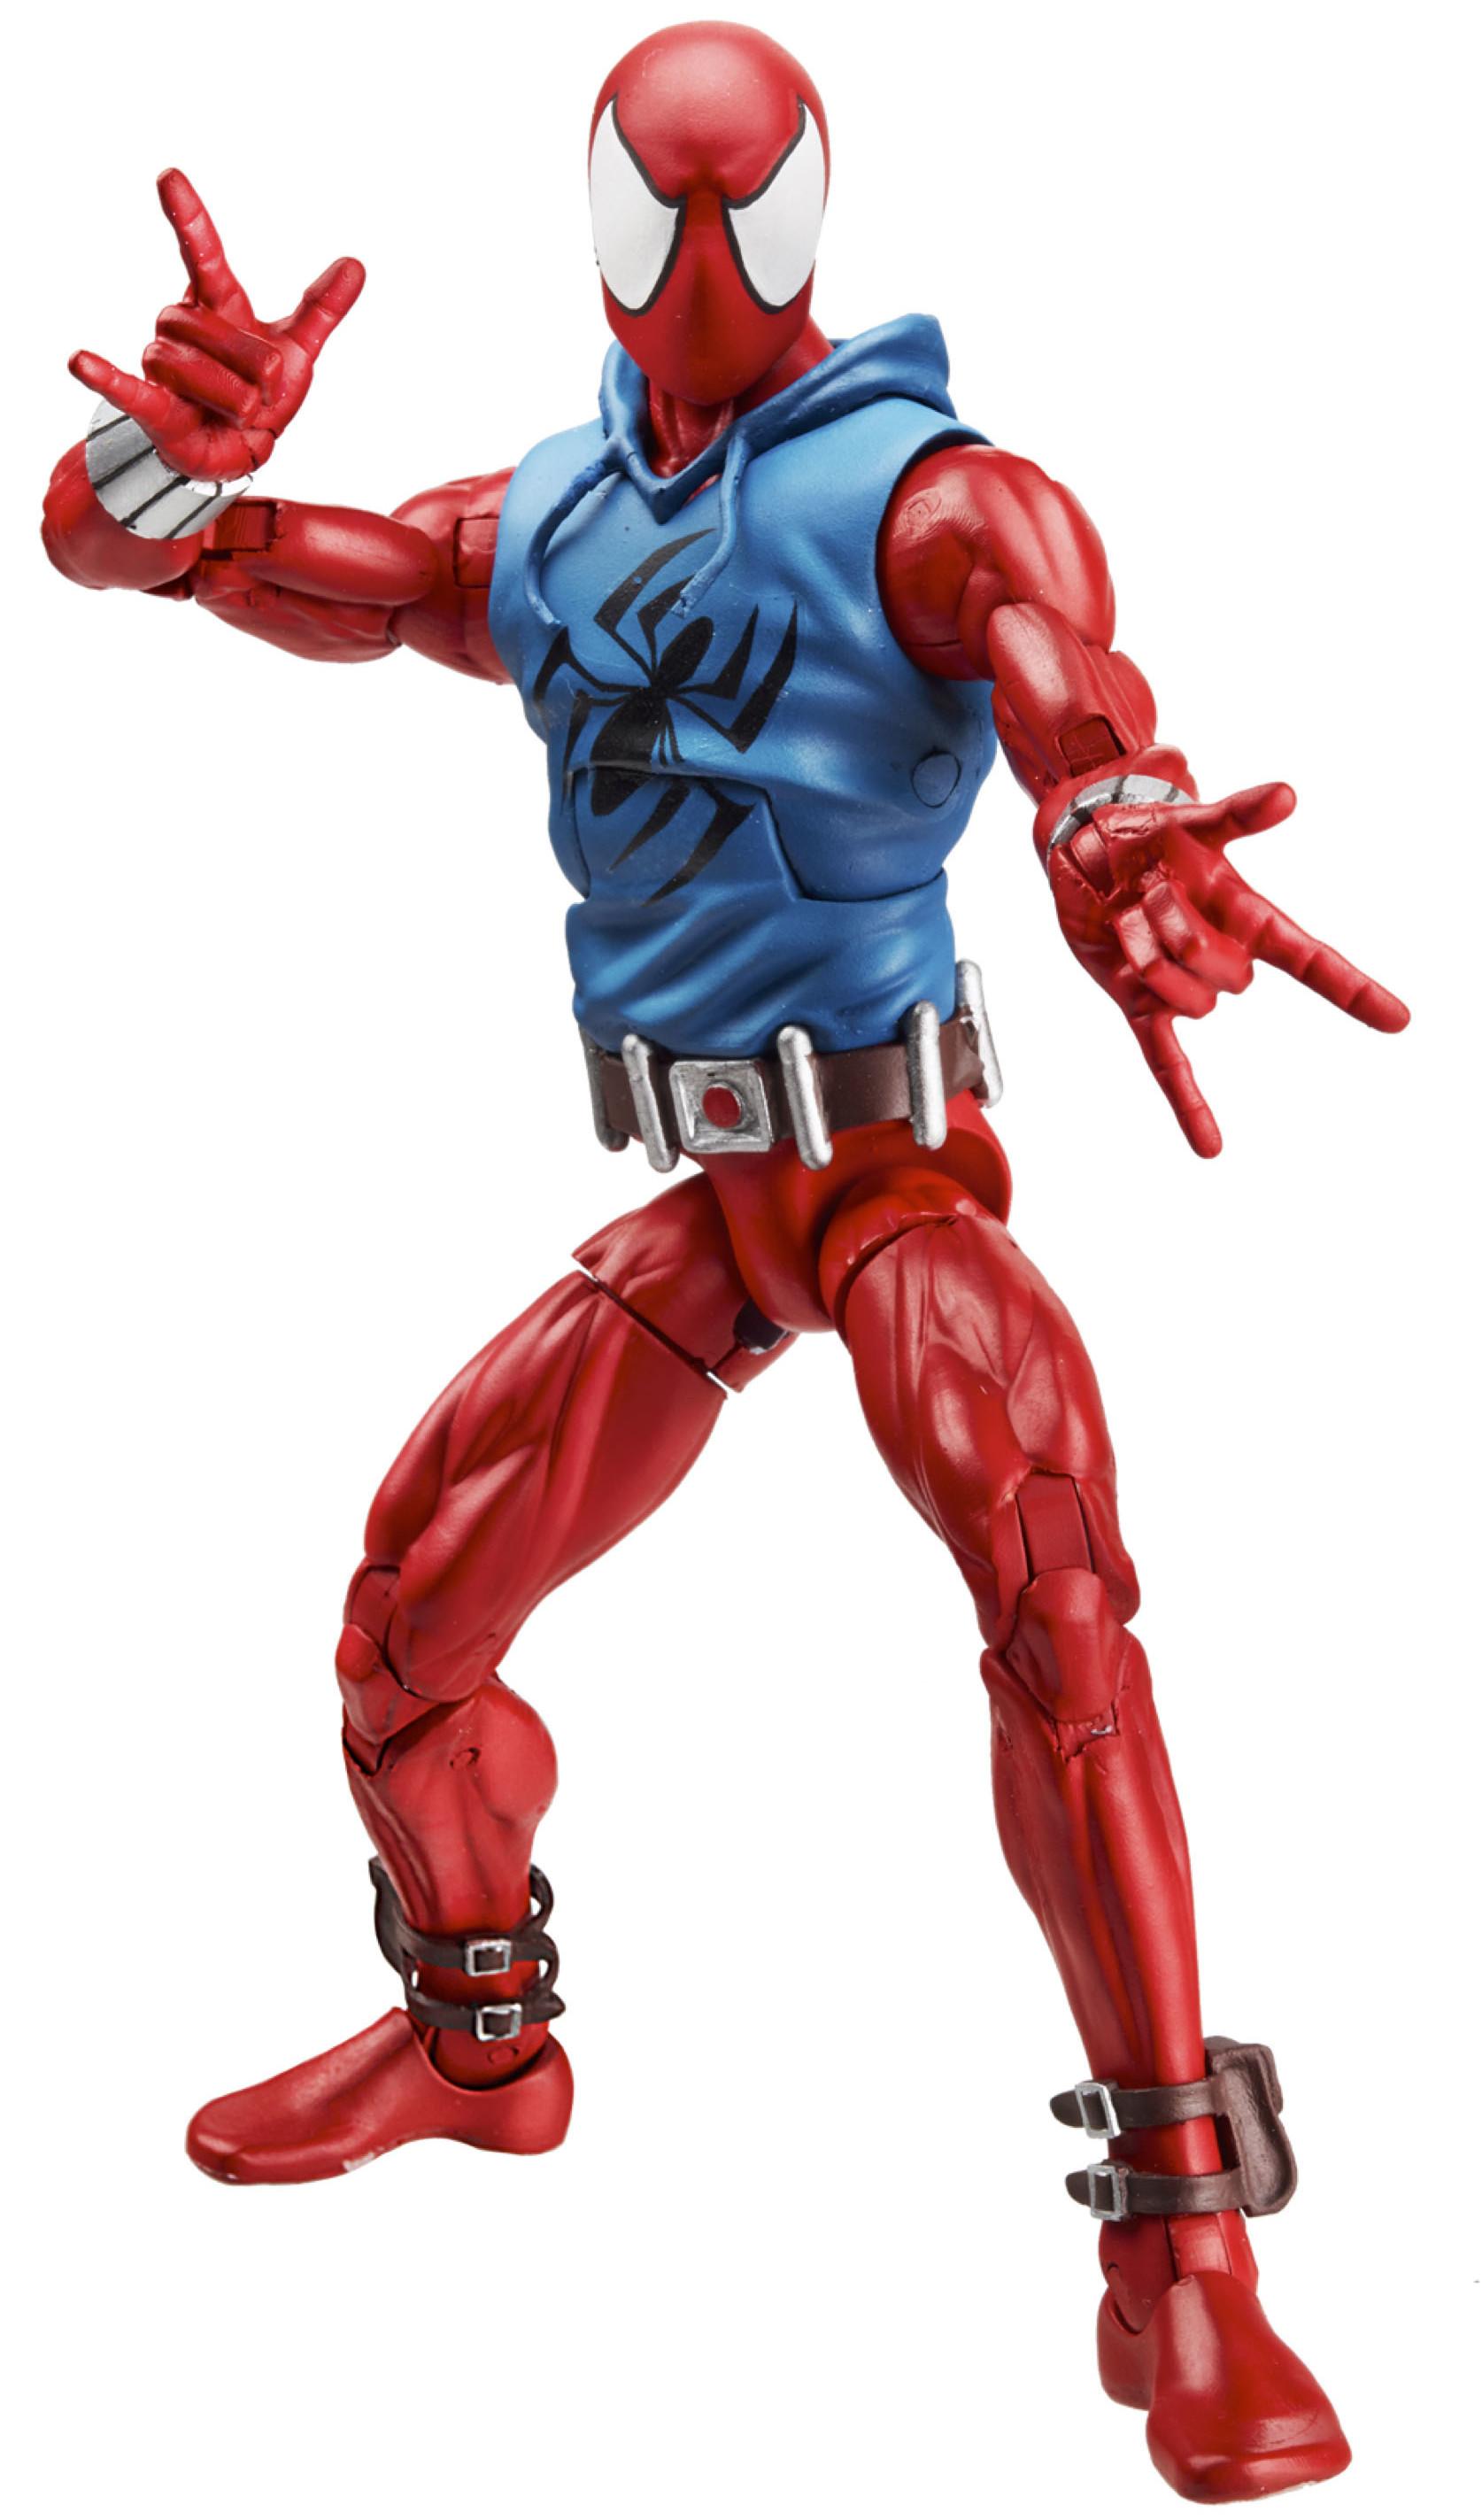 Spider Man Toys : Toy fair marvel legends spider man wave rhino